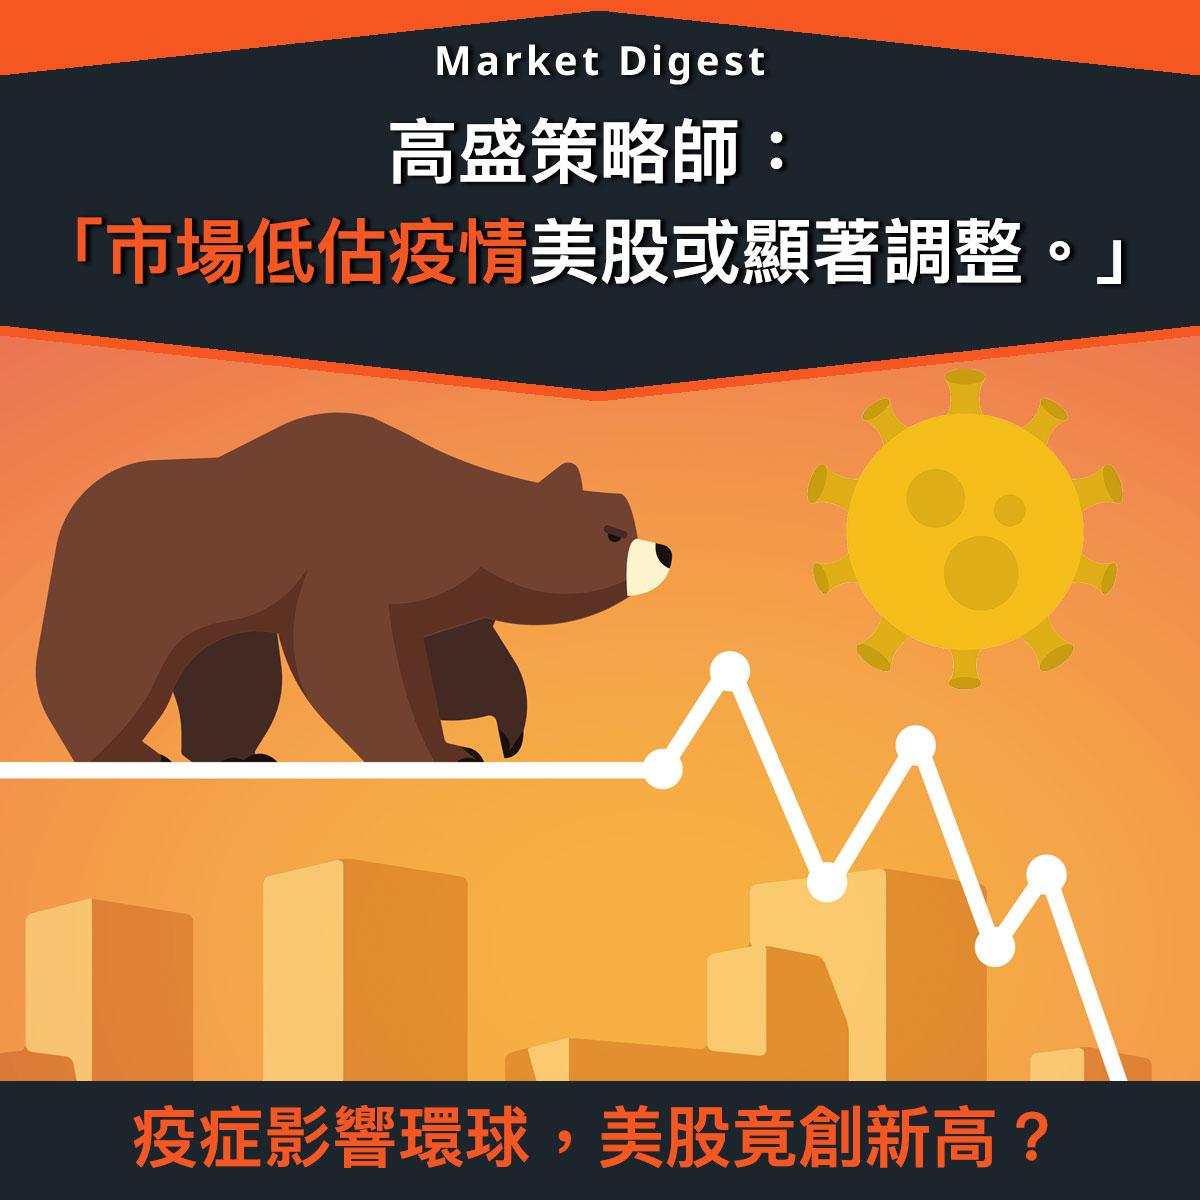 【市場熱話】高盛策略師:「市場低估疫情,美股或顯著調整。」